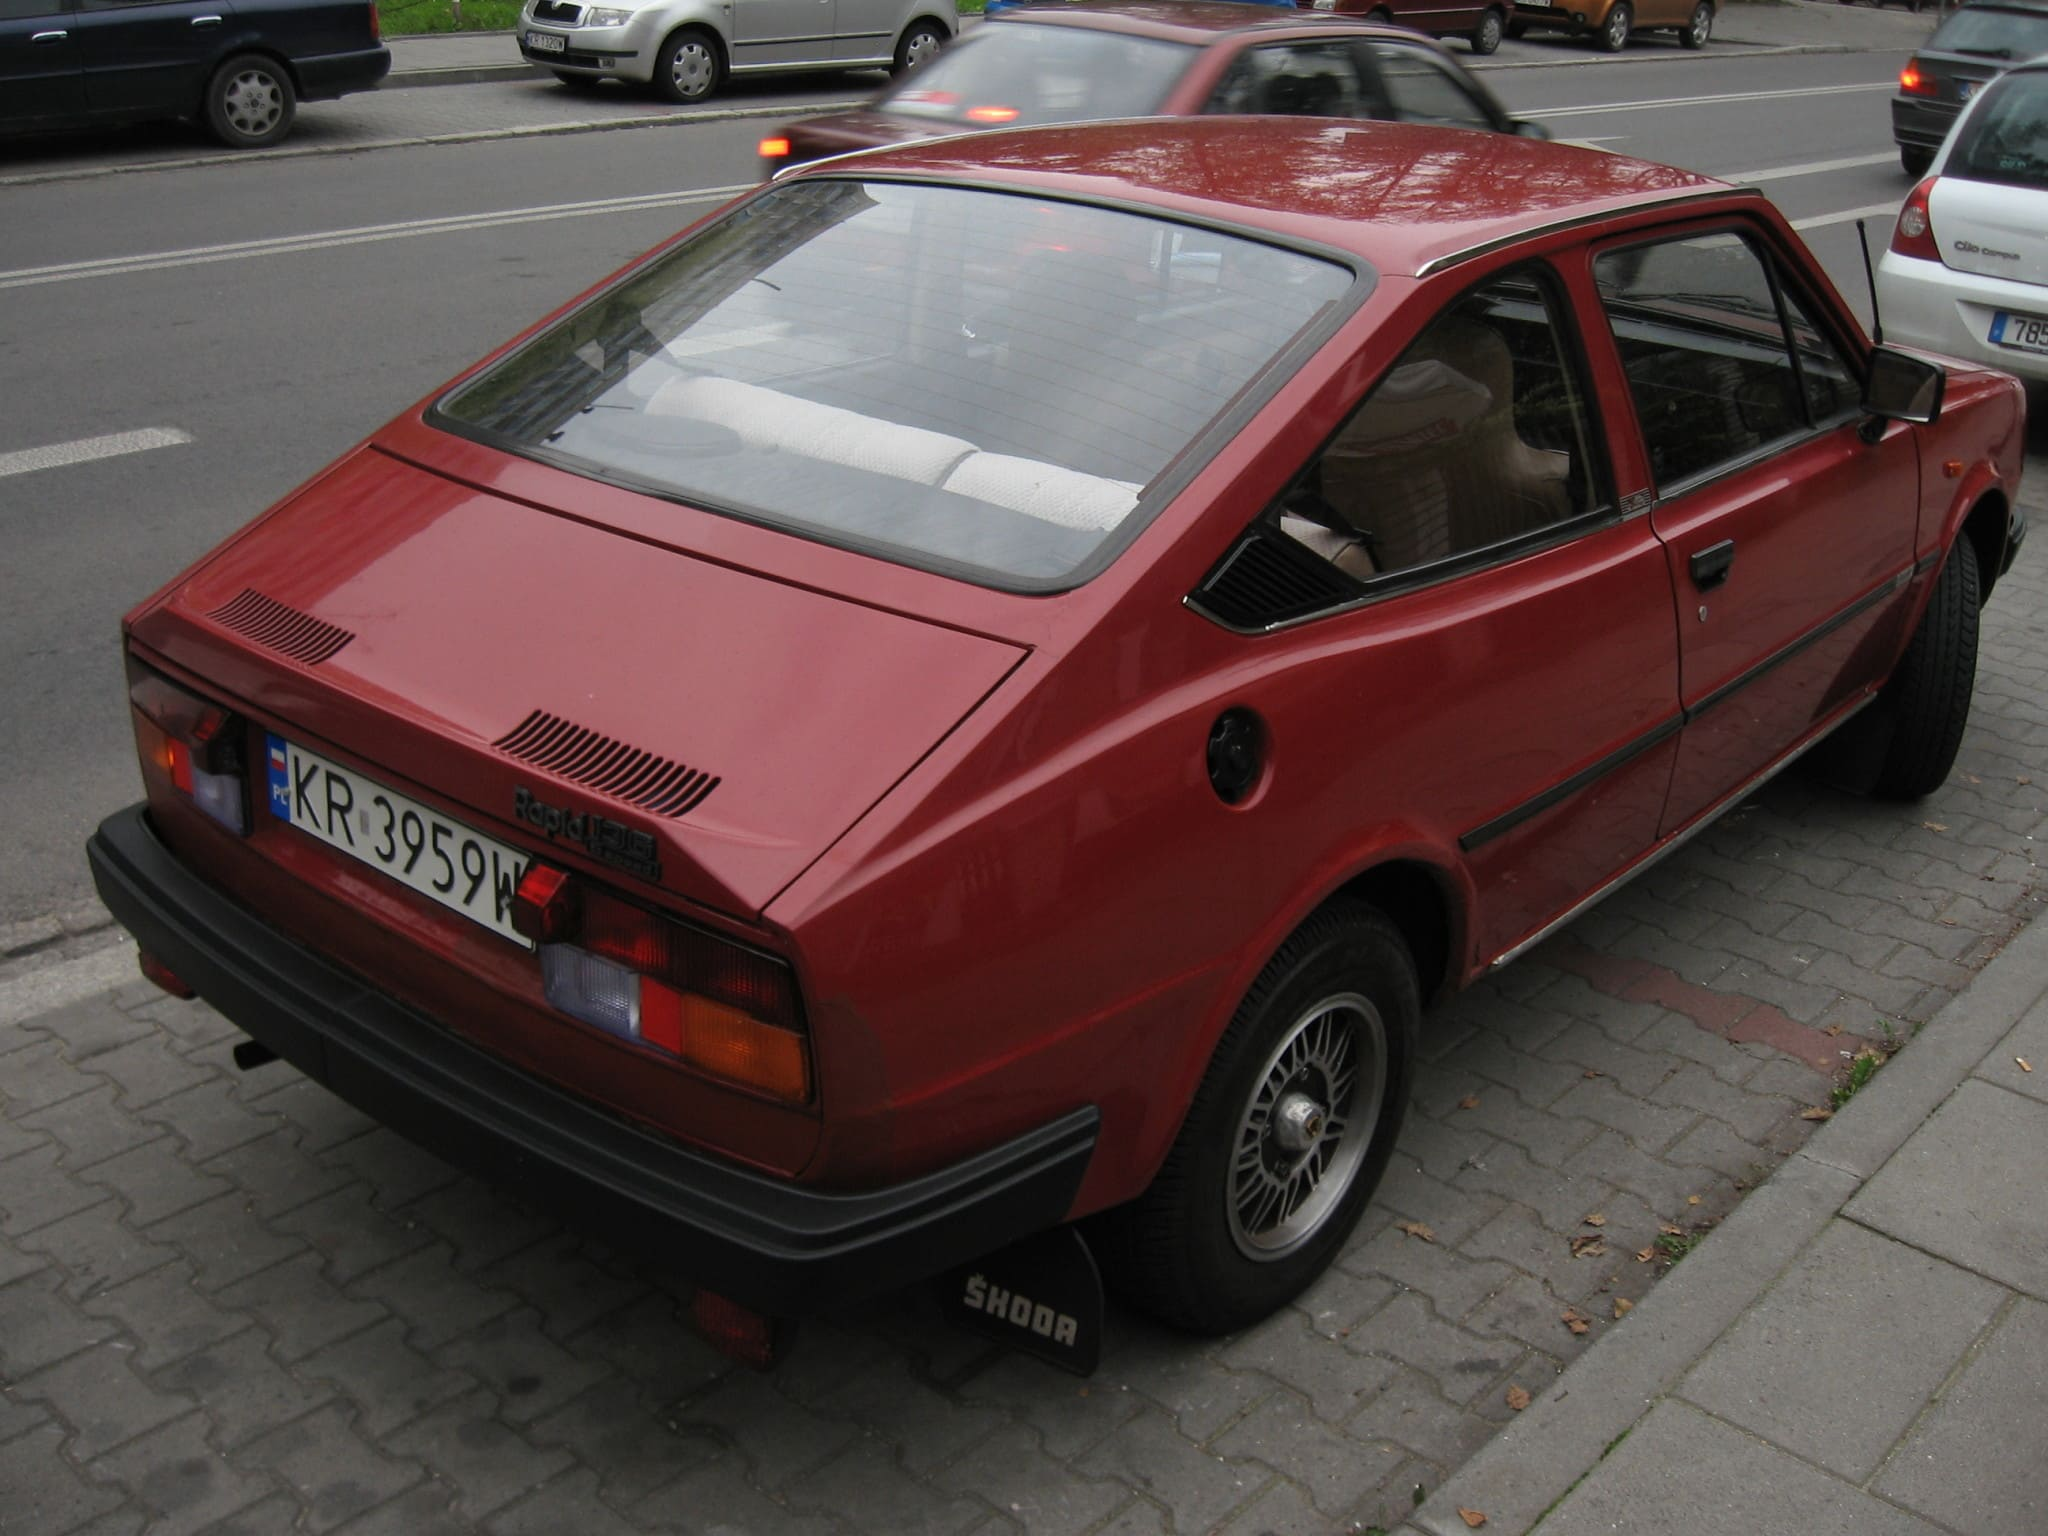 Škoda_Rapid_136_5_speed_in_Kraków_(1)